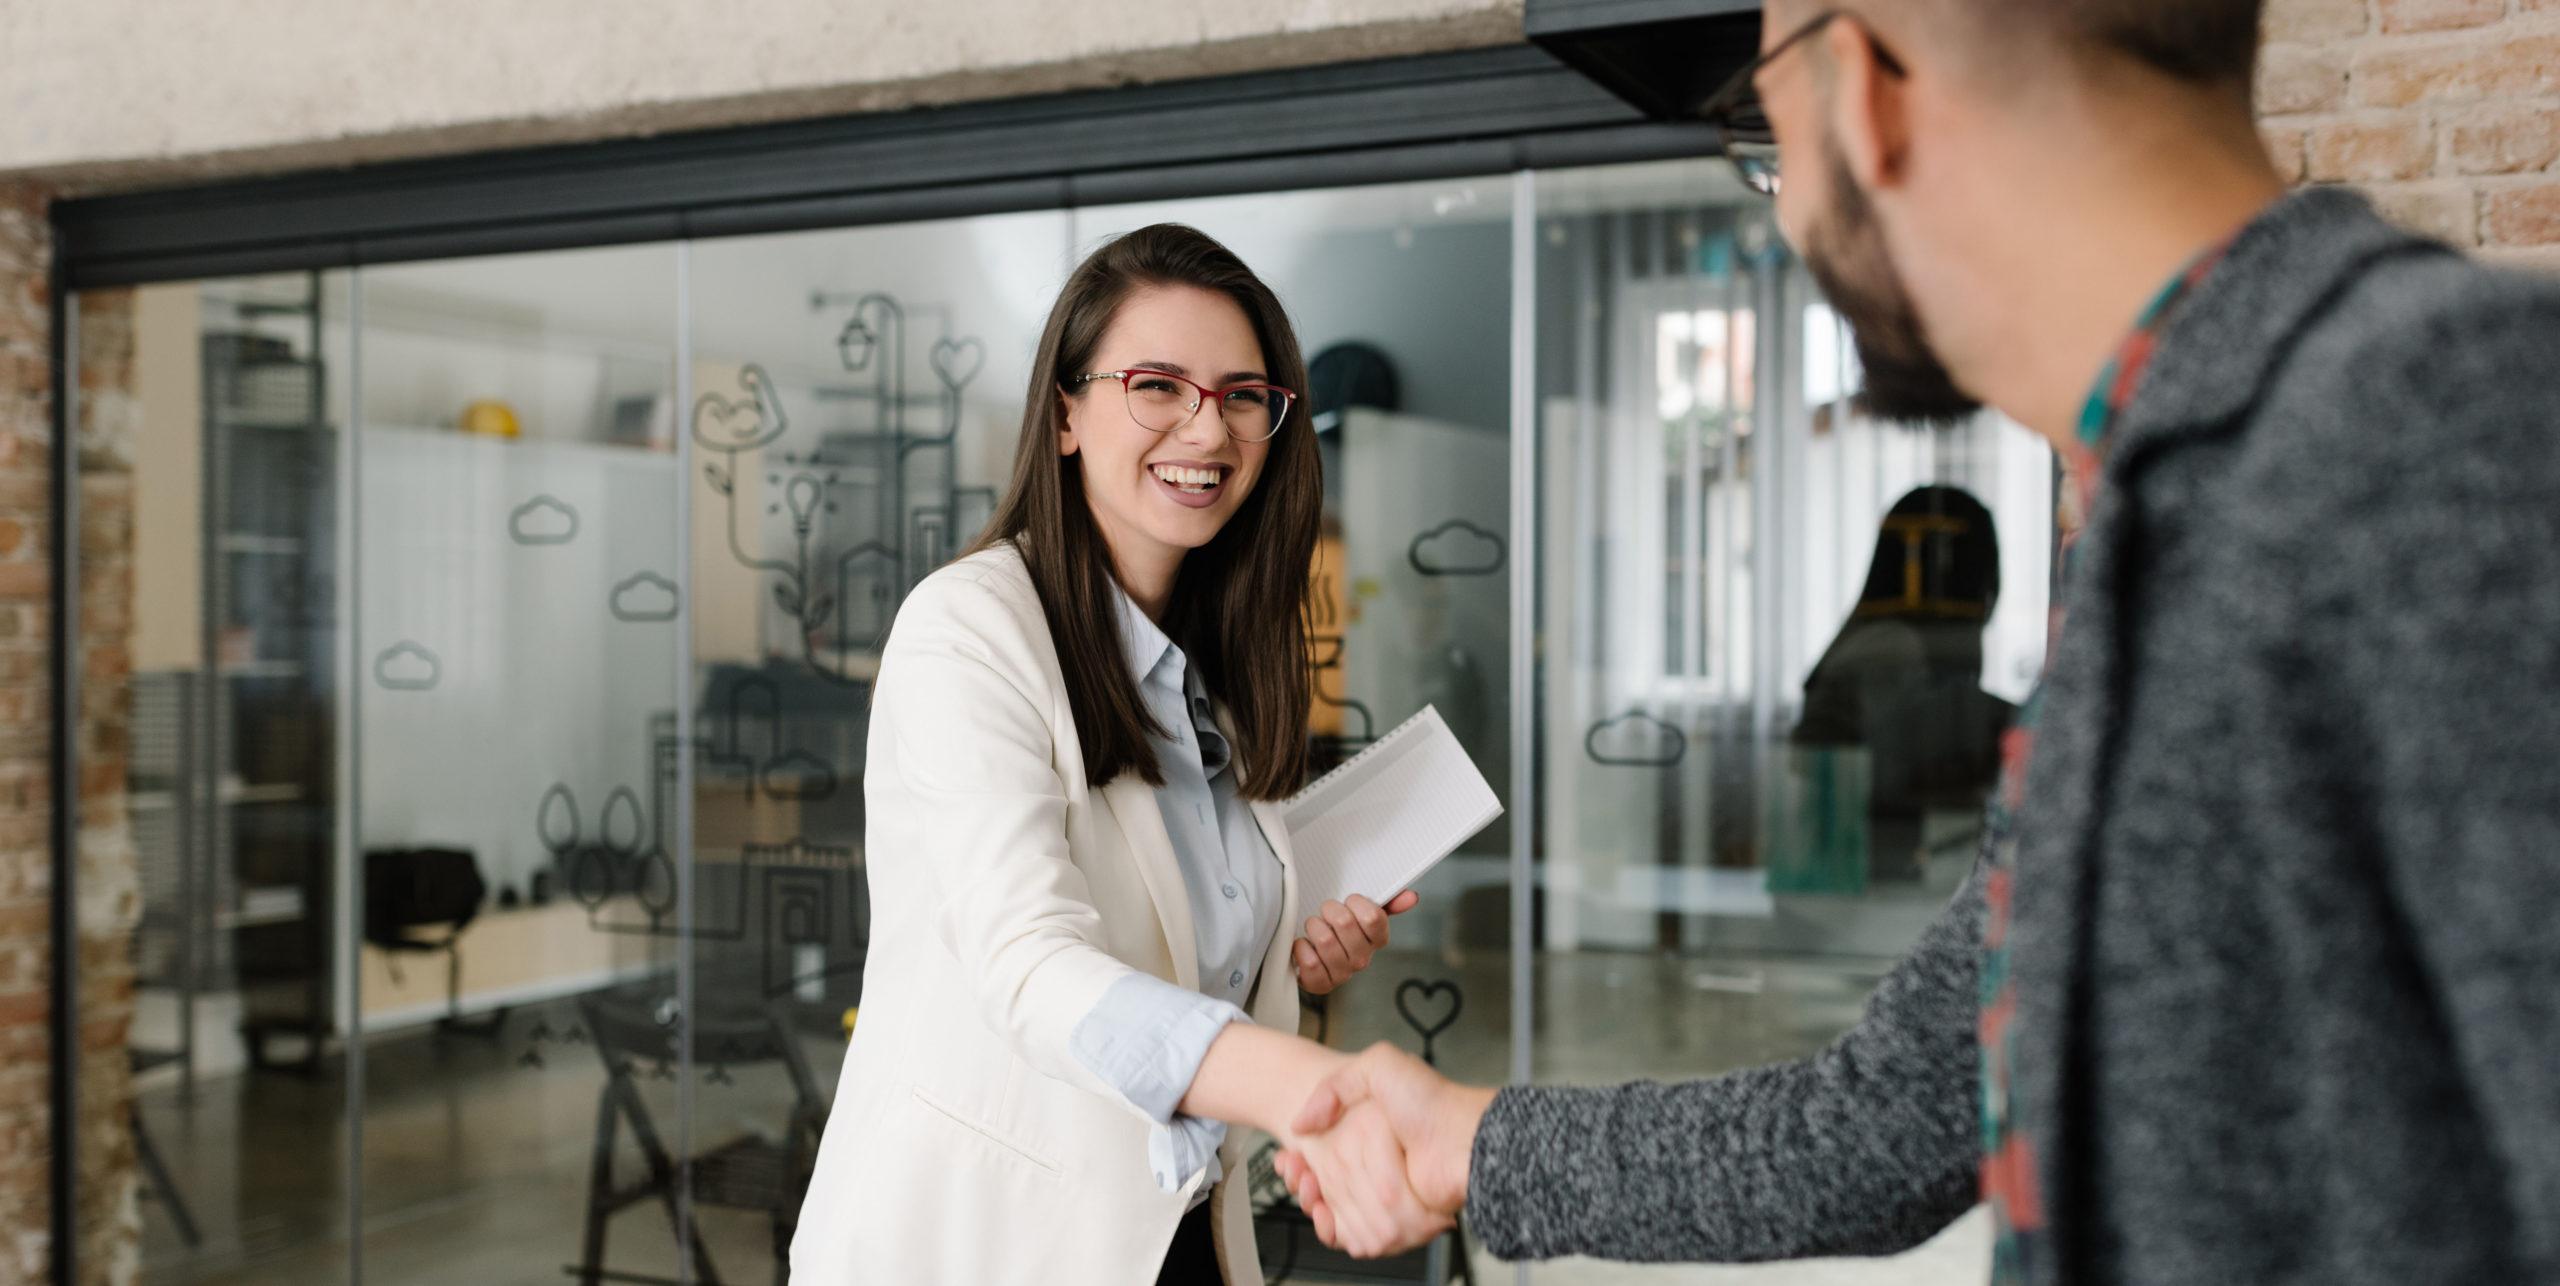 Welke vragen kun je verwachten tijdens een sollicitatiegesprek?